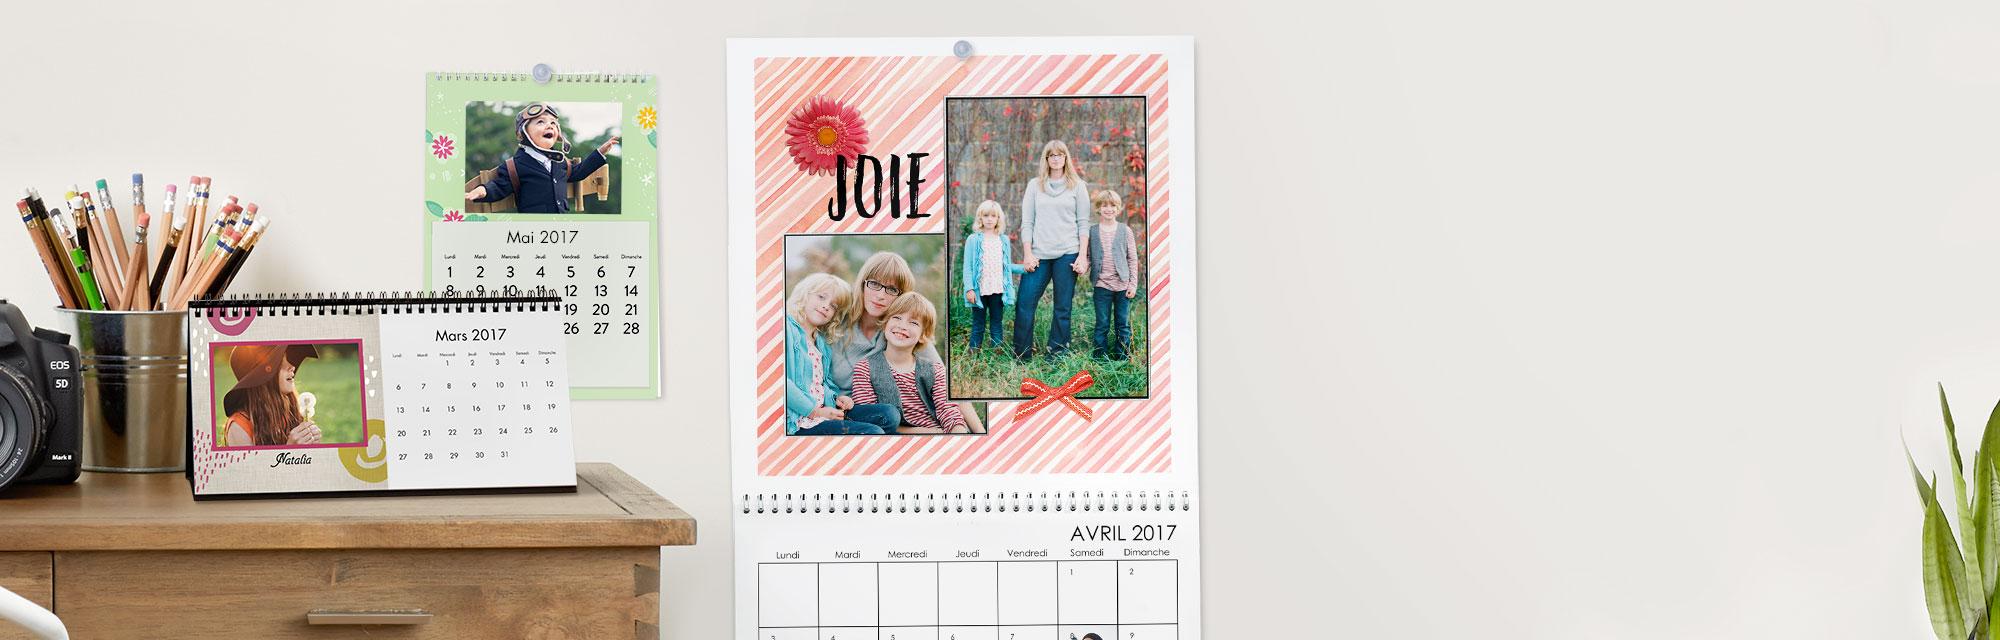 Calendriers Photo Personnalisés Profitez de l'année avec vos plus belles photos dans un calendrier photo personnalisé.